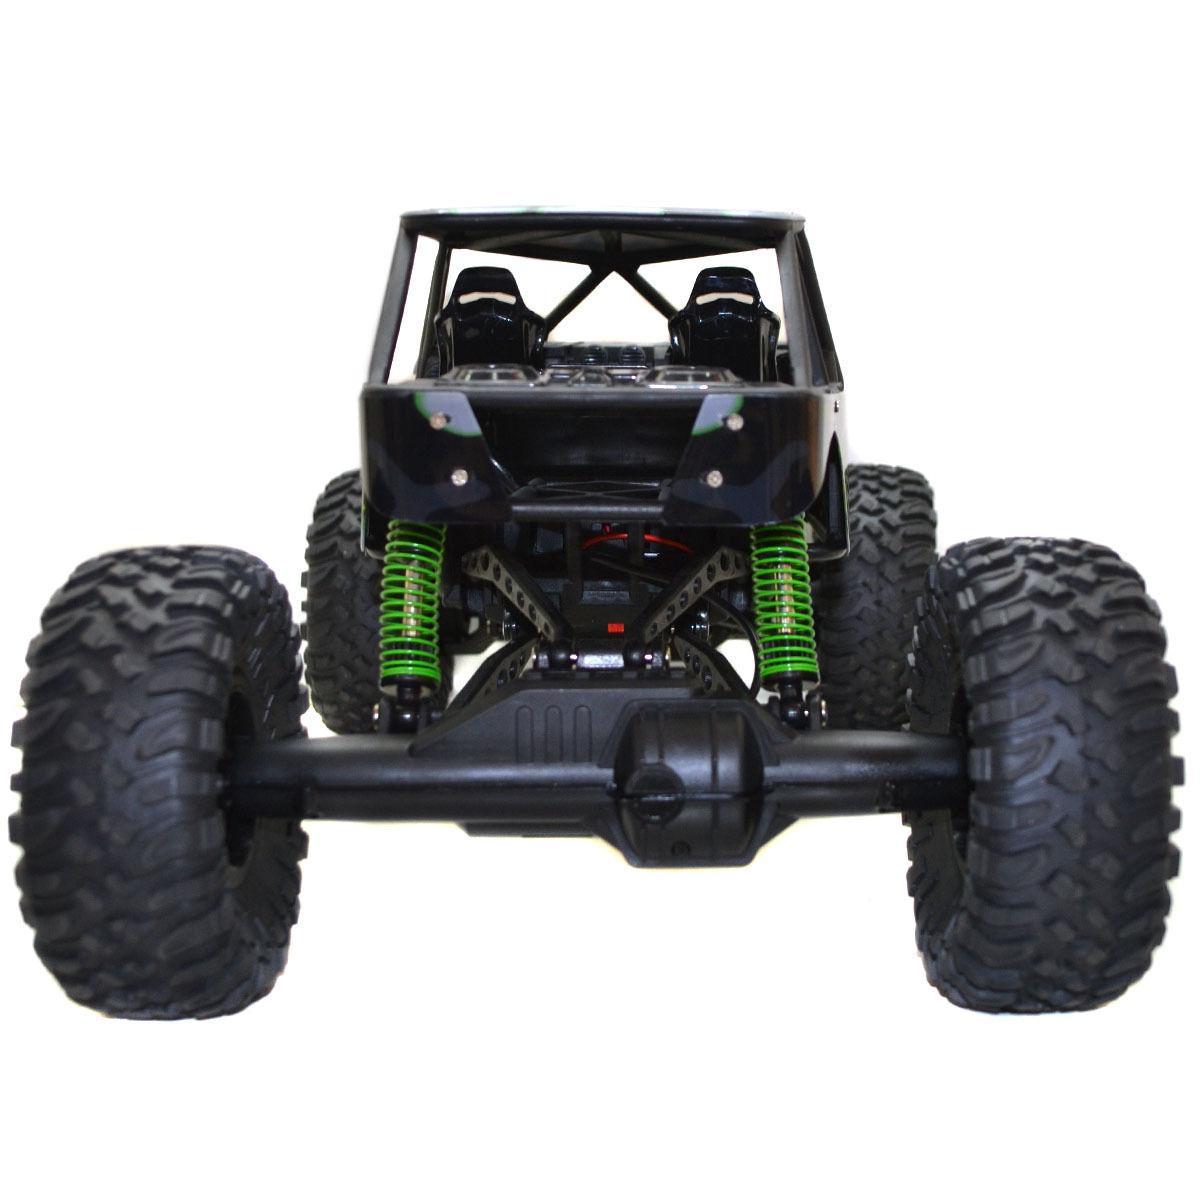 1:10 2.4Ghz Rock 4 Wheel Drive Remote Green